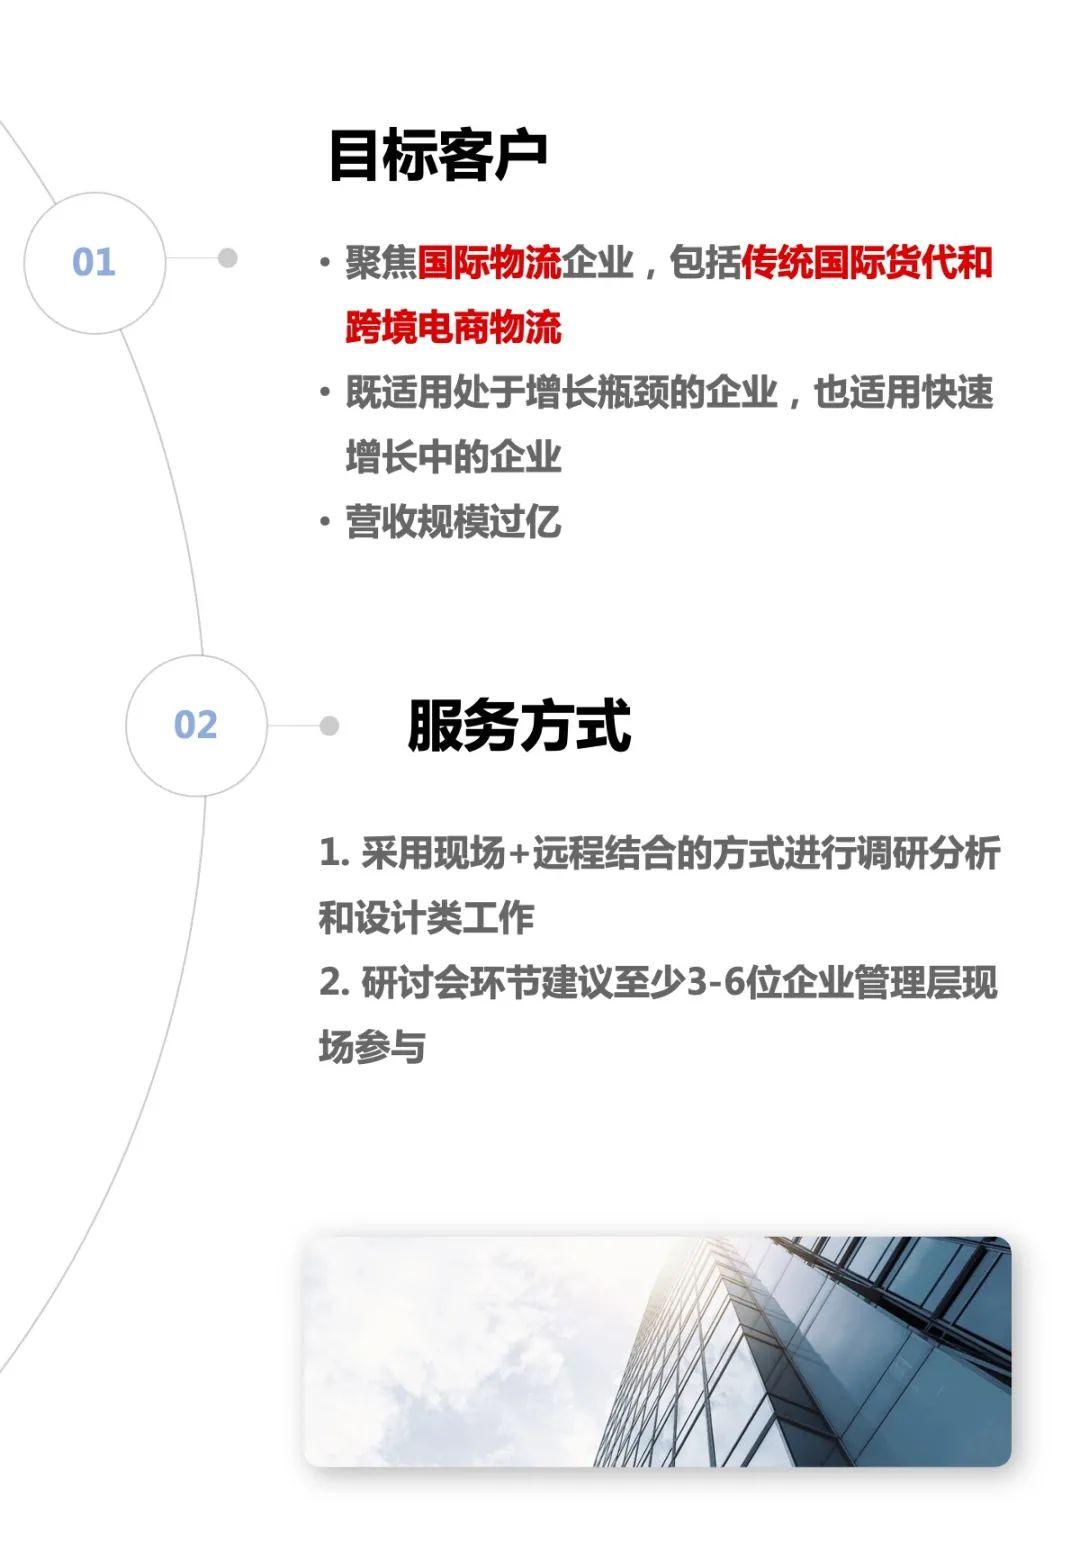 【轻咨询系列】国际物流增长战略共创服务